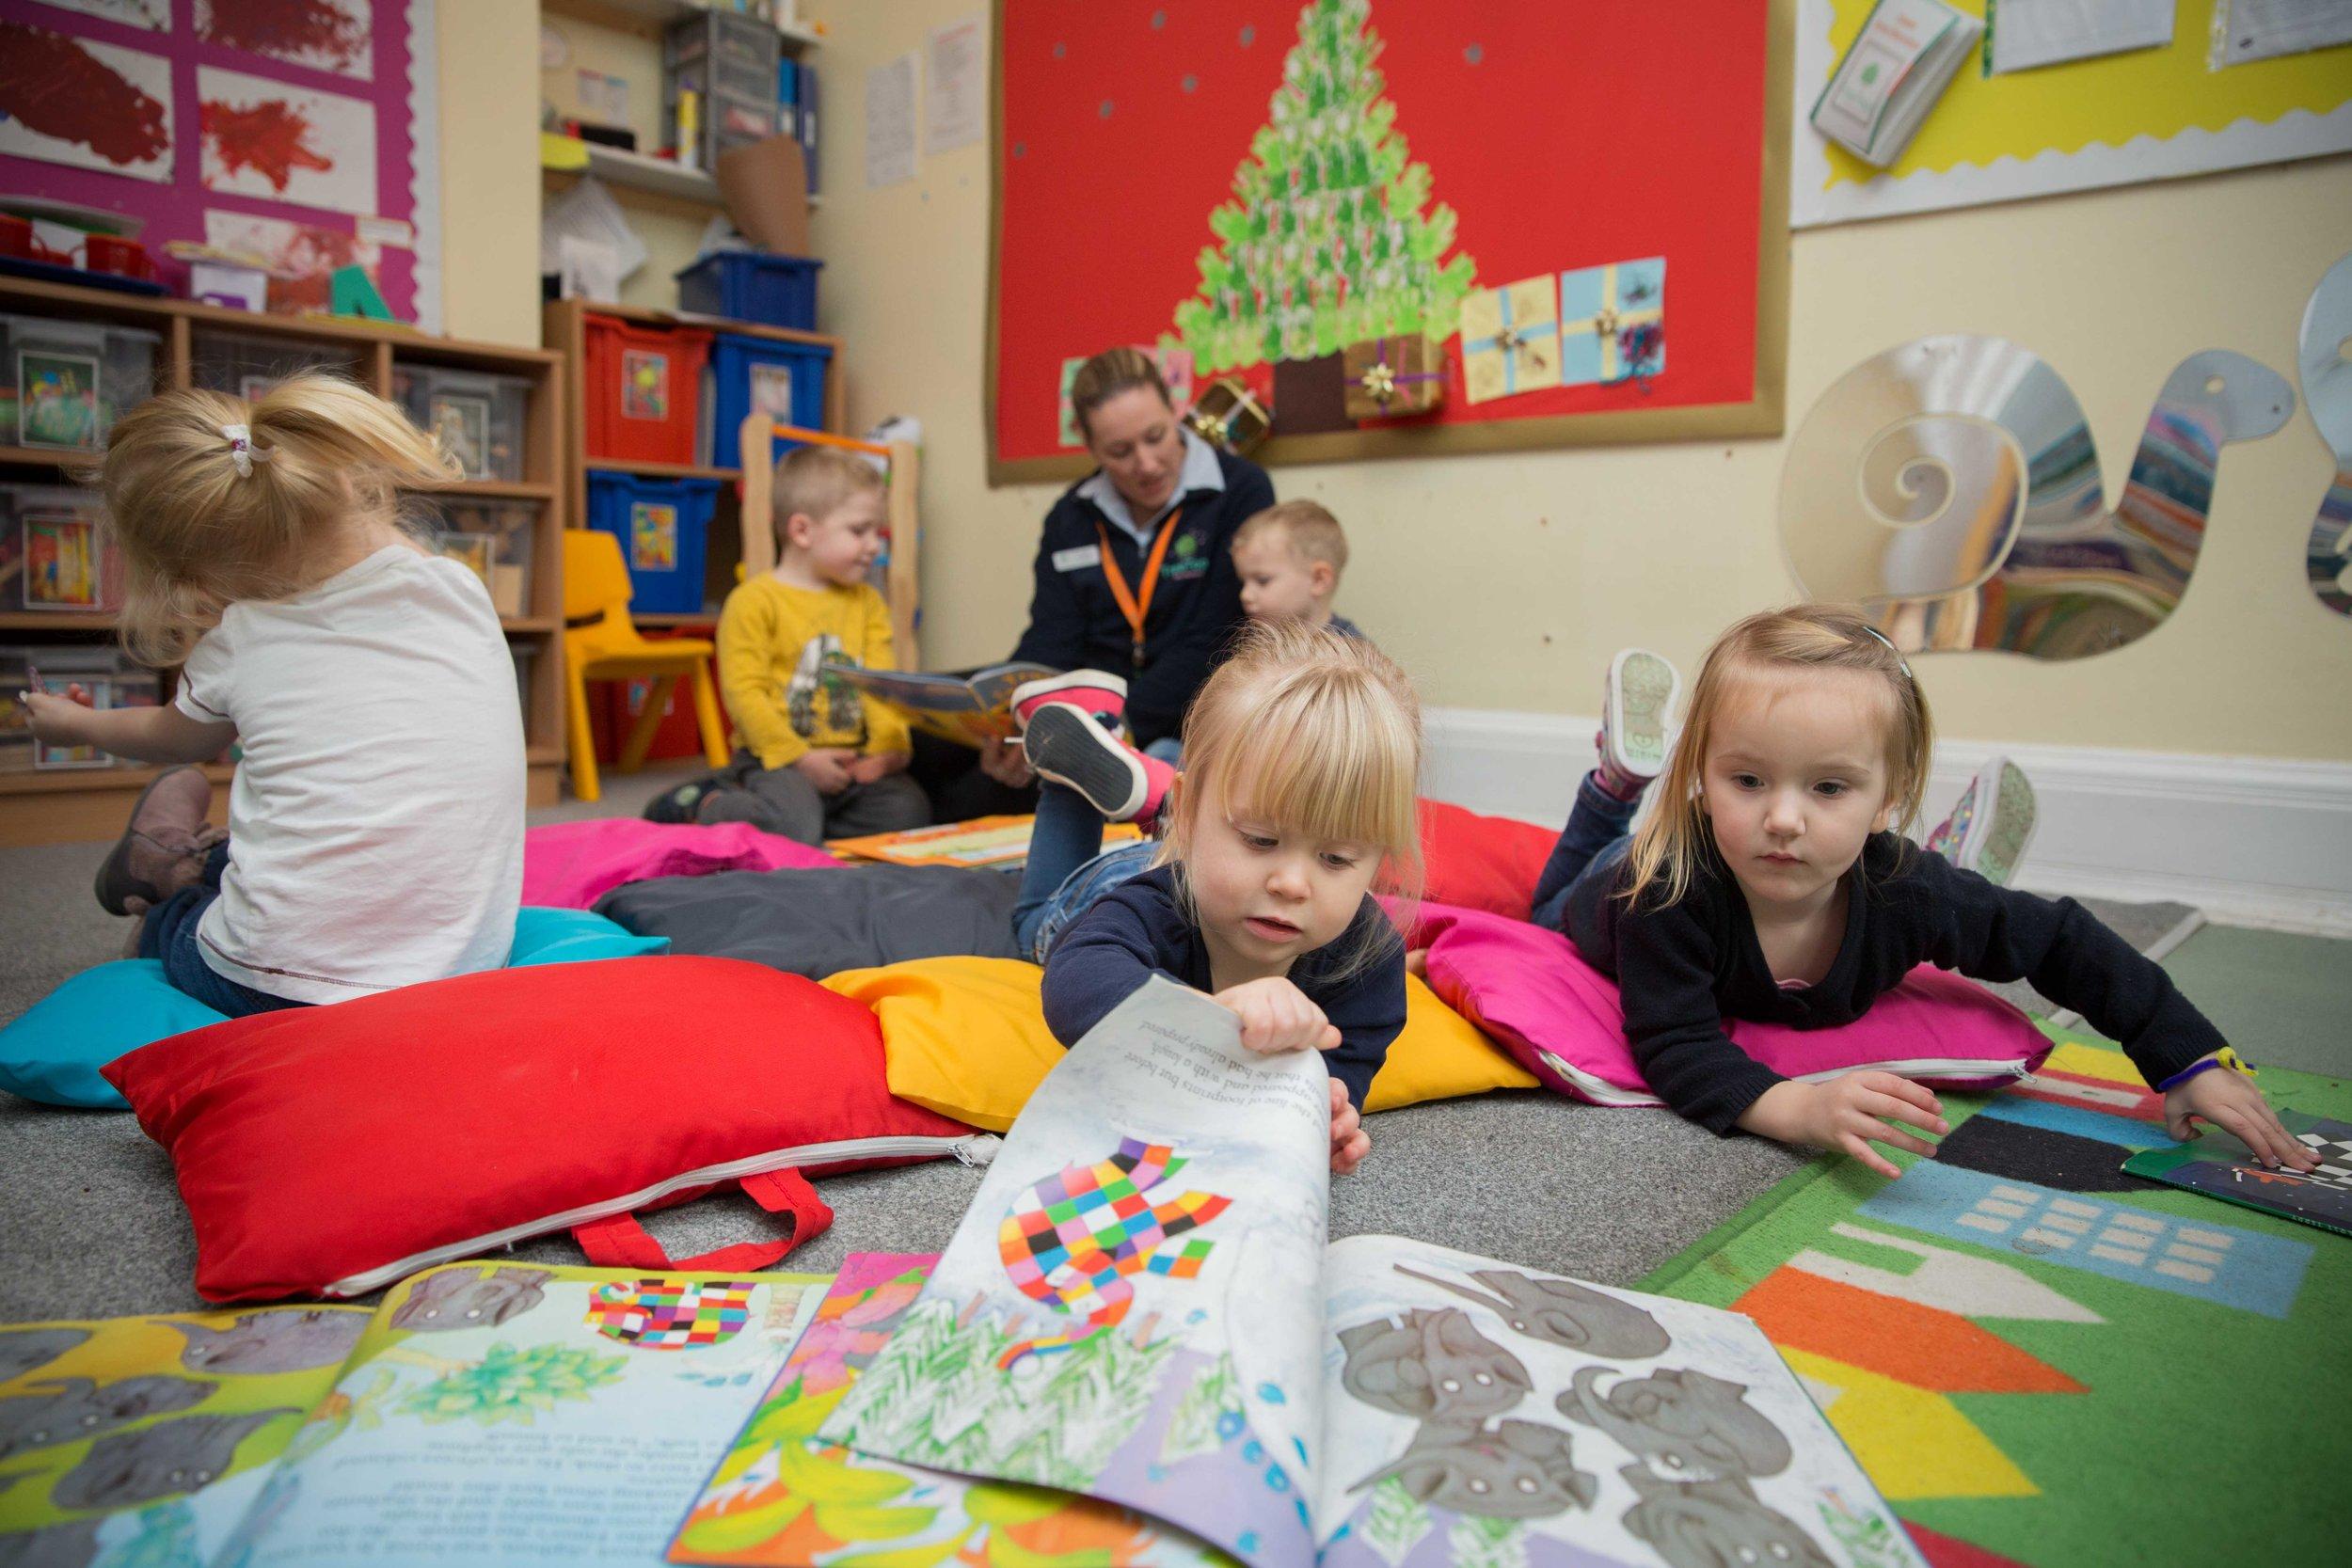 1-Commercial-nursery-school-photographer-gloucester-natalia-smith-photography-5.jpg